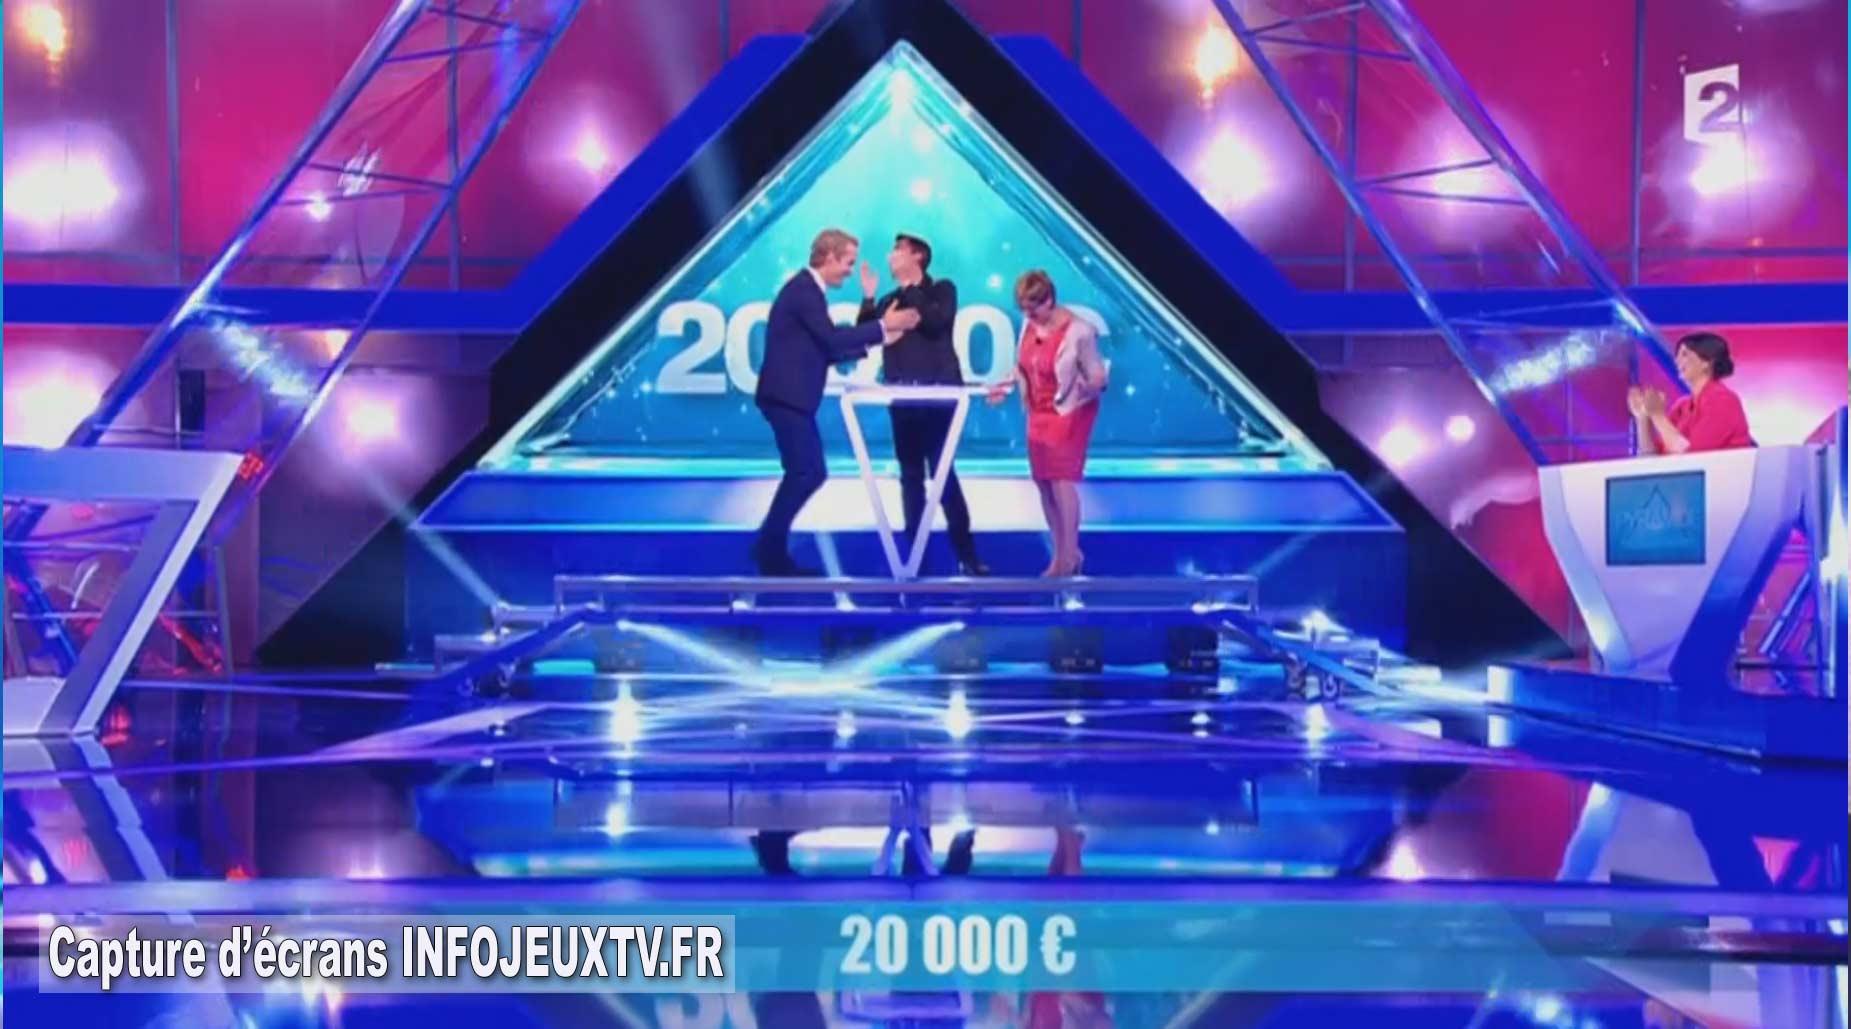 20 000 € gagnés lors de la 2éme émission